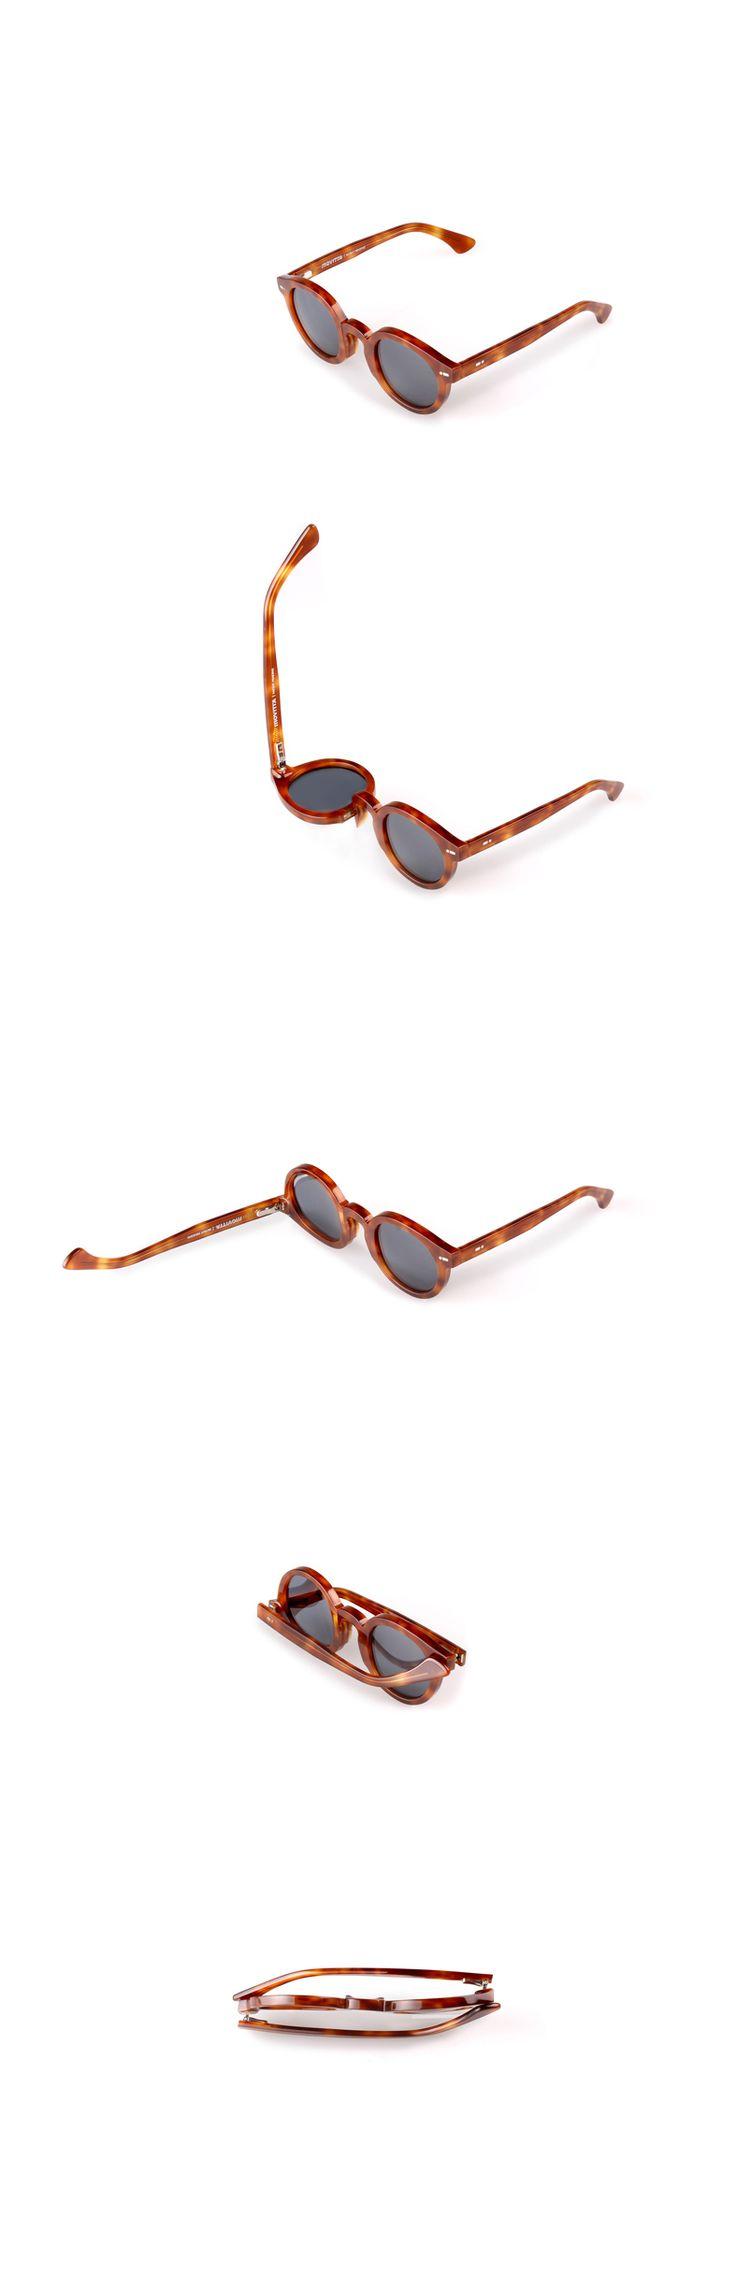 Movitra 315 - Havana chiaro con lente blu #sunglasses #movitra #movitraspectacles #spectacles #glasses #eyewear